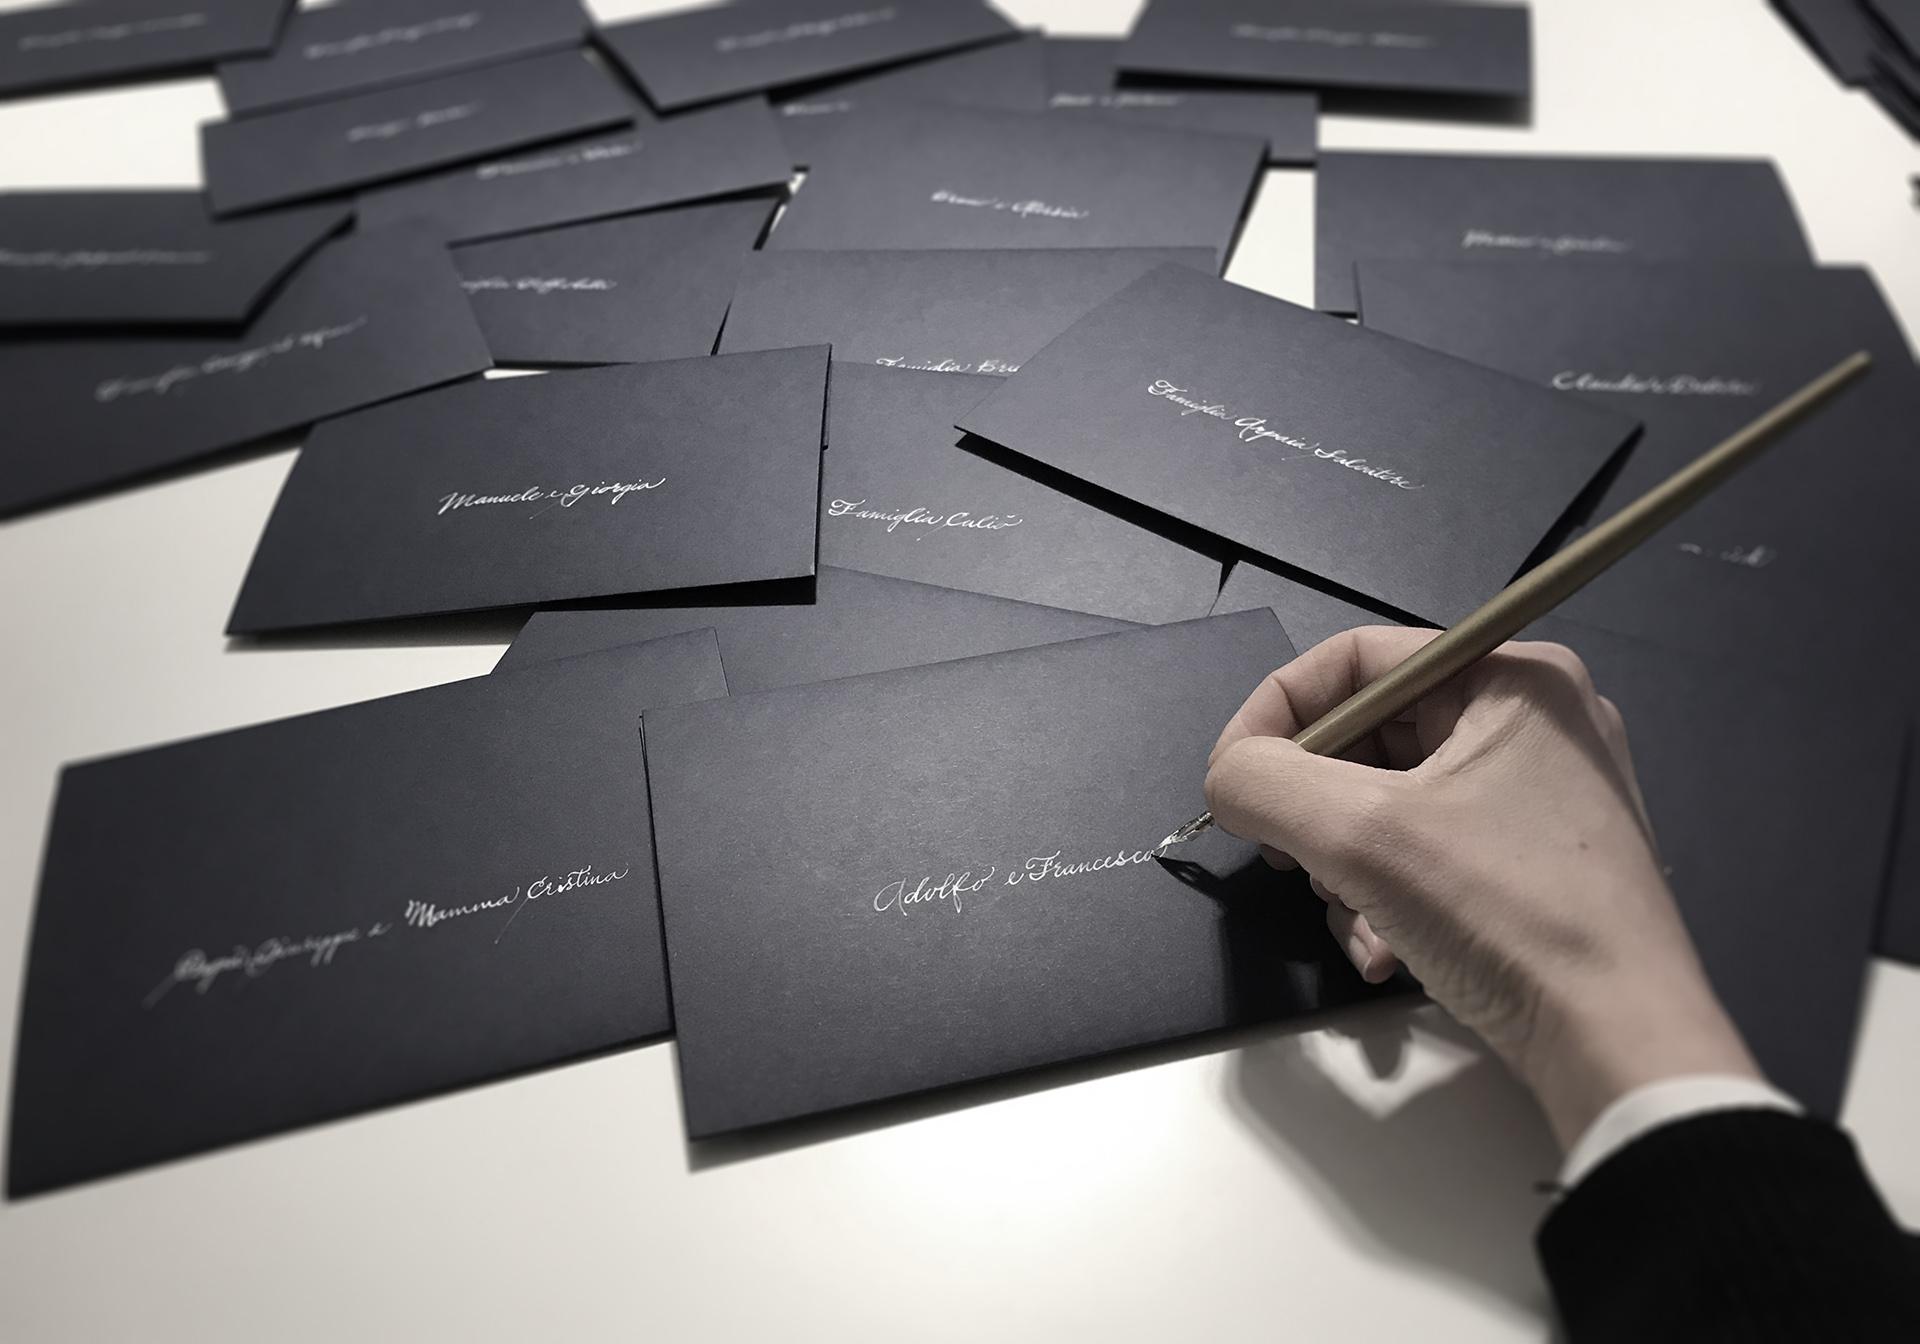 inviti-scrittura-a-mano-labc-matrimonio-wedding